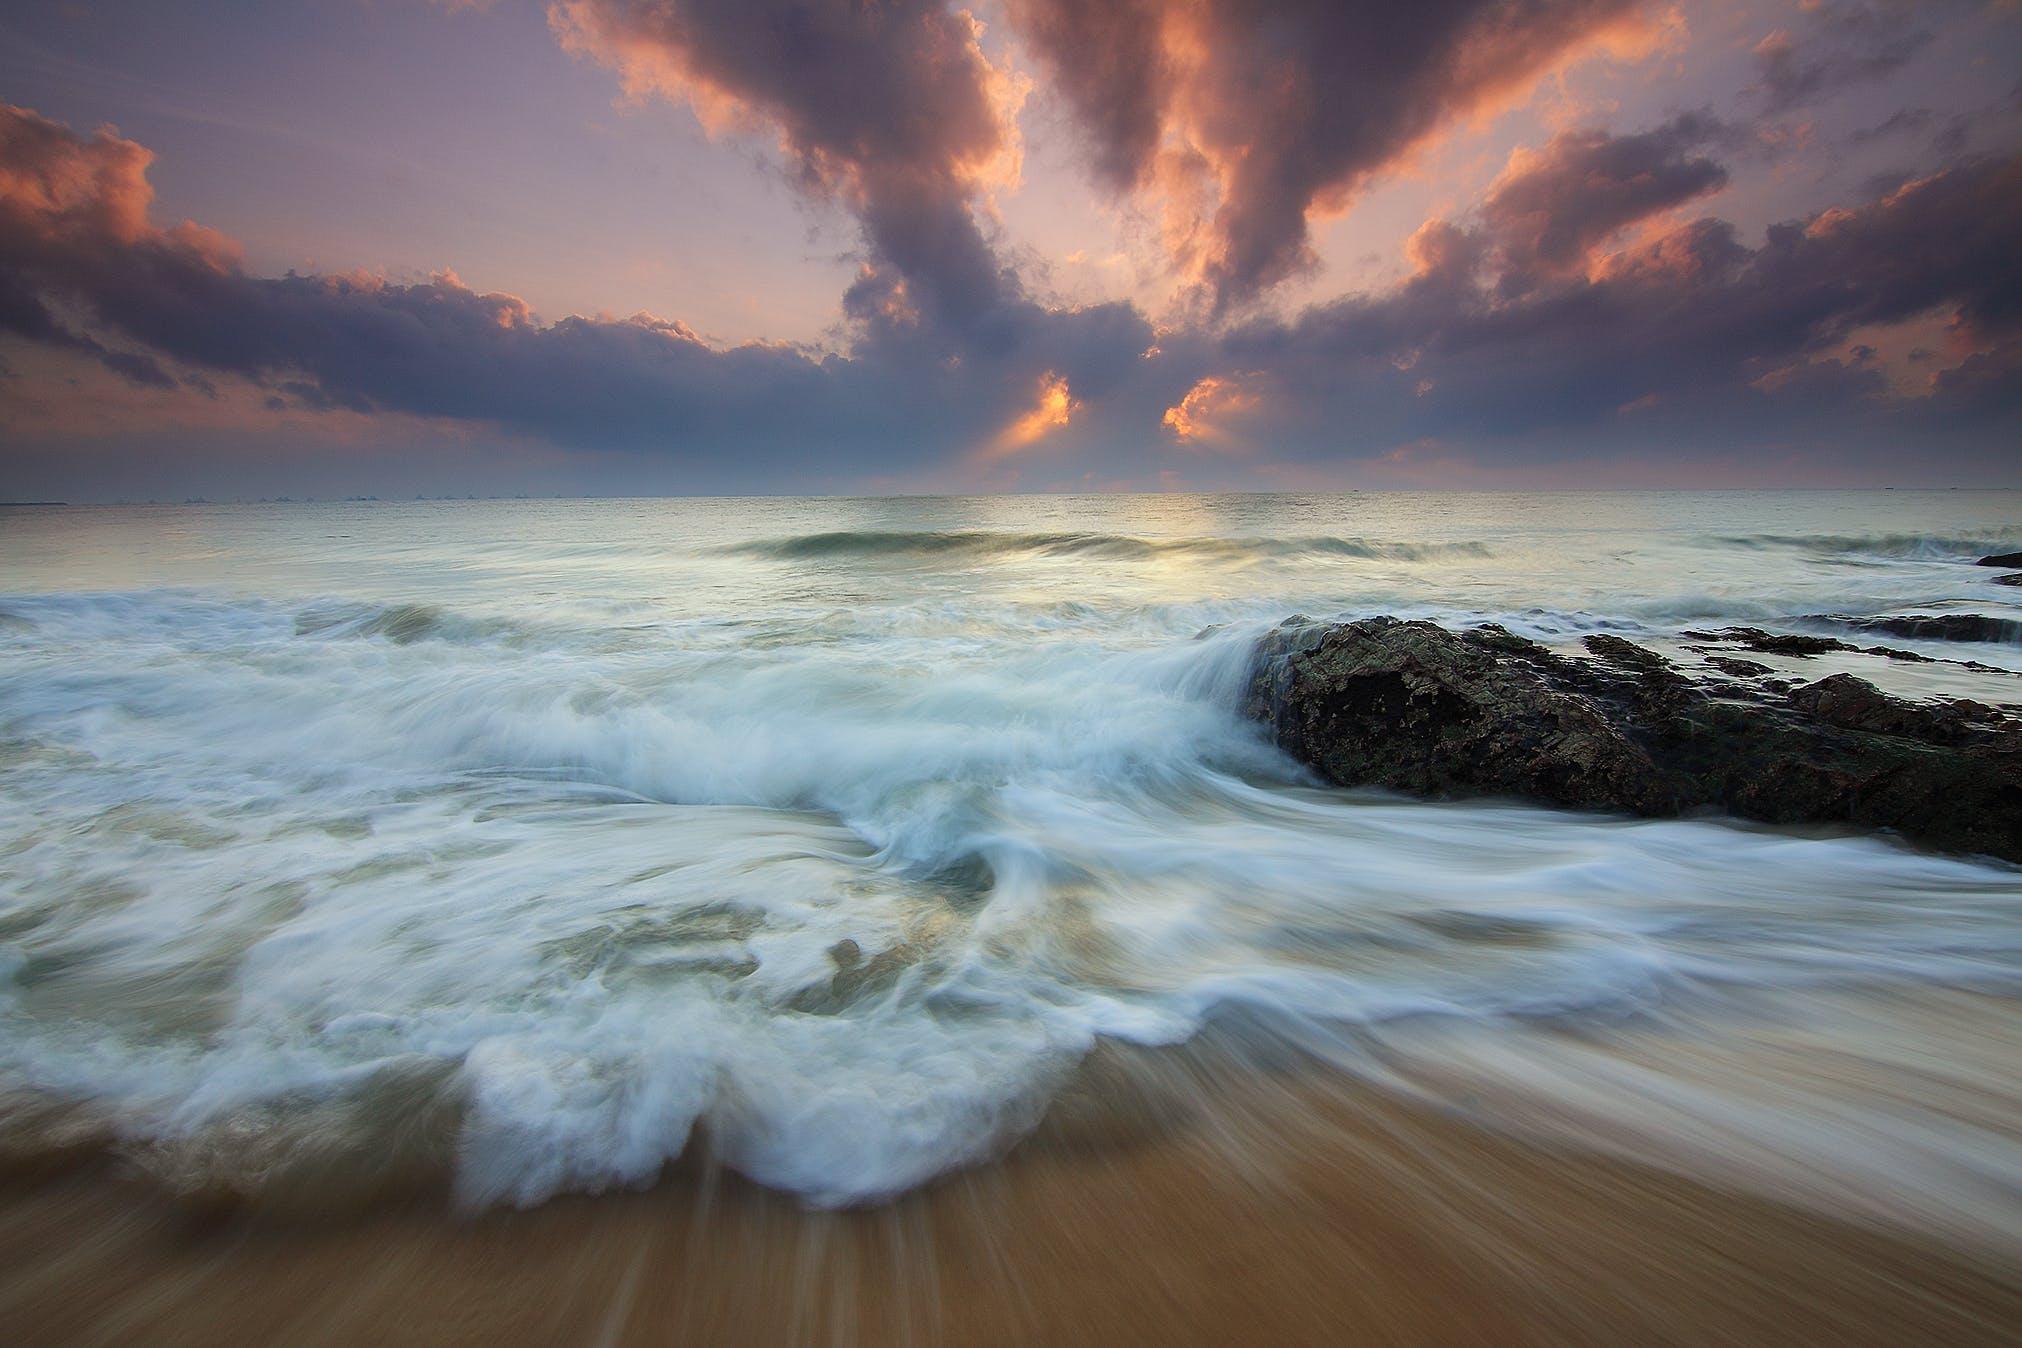 Sea Beside Seashore Photo